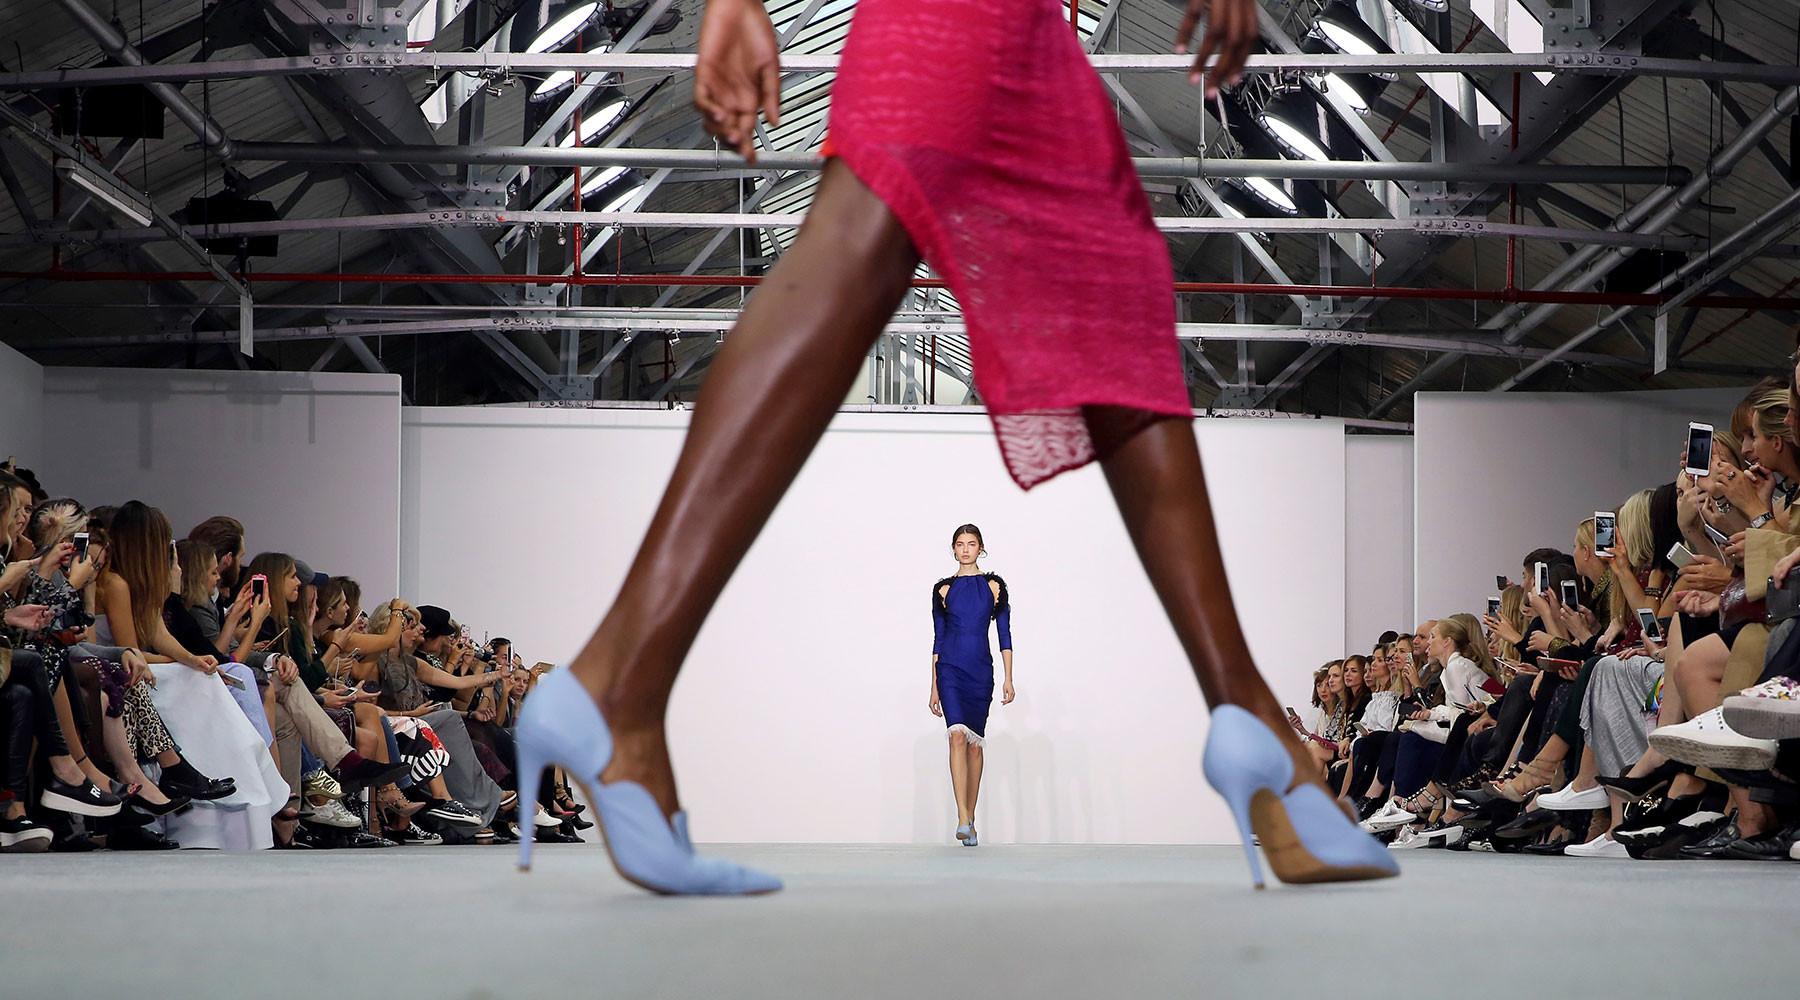 Милонов предлагает обязать магазины одежды ставить манекены неидеальных размеров